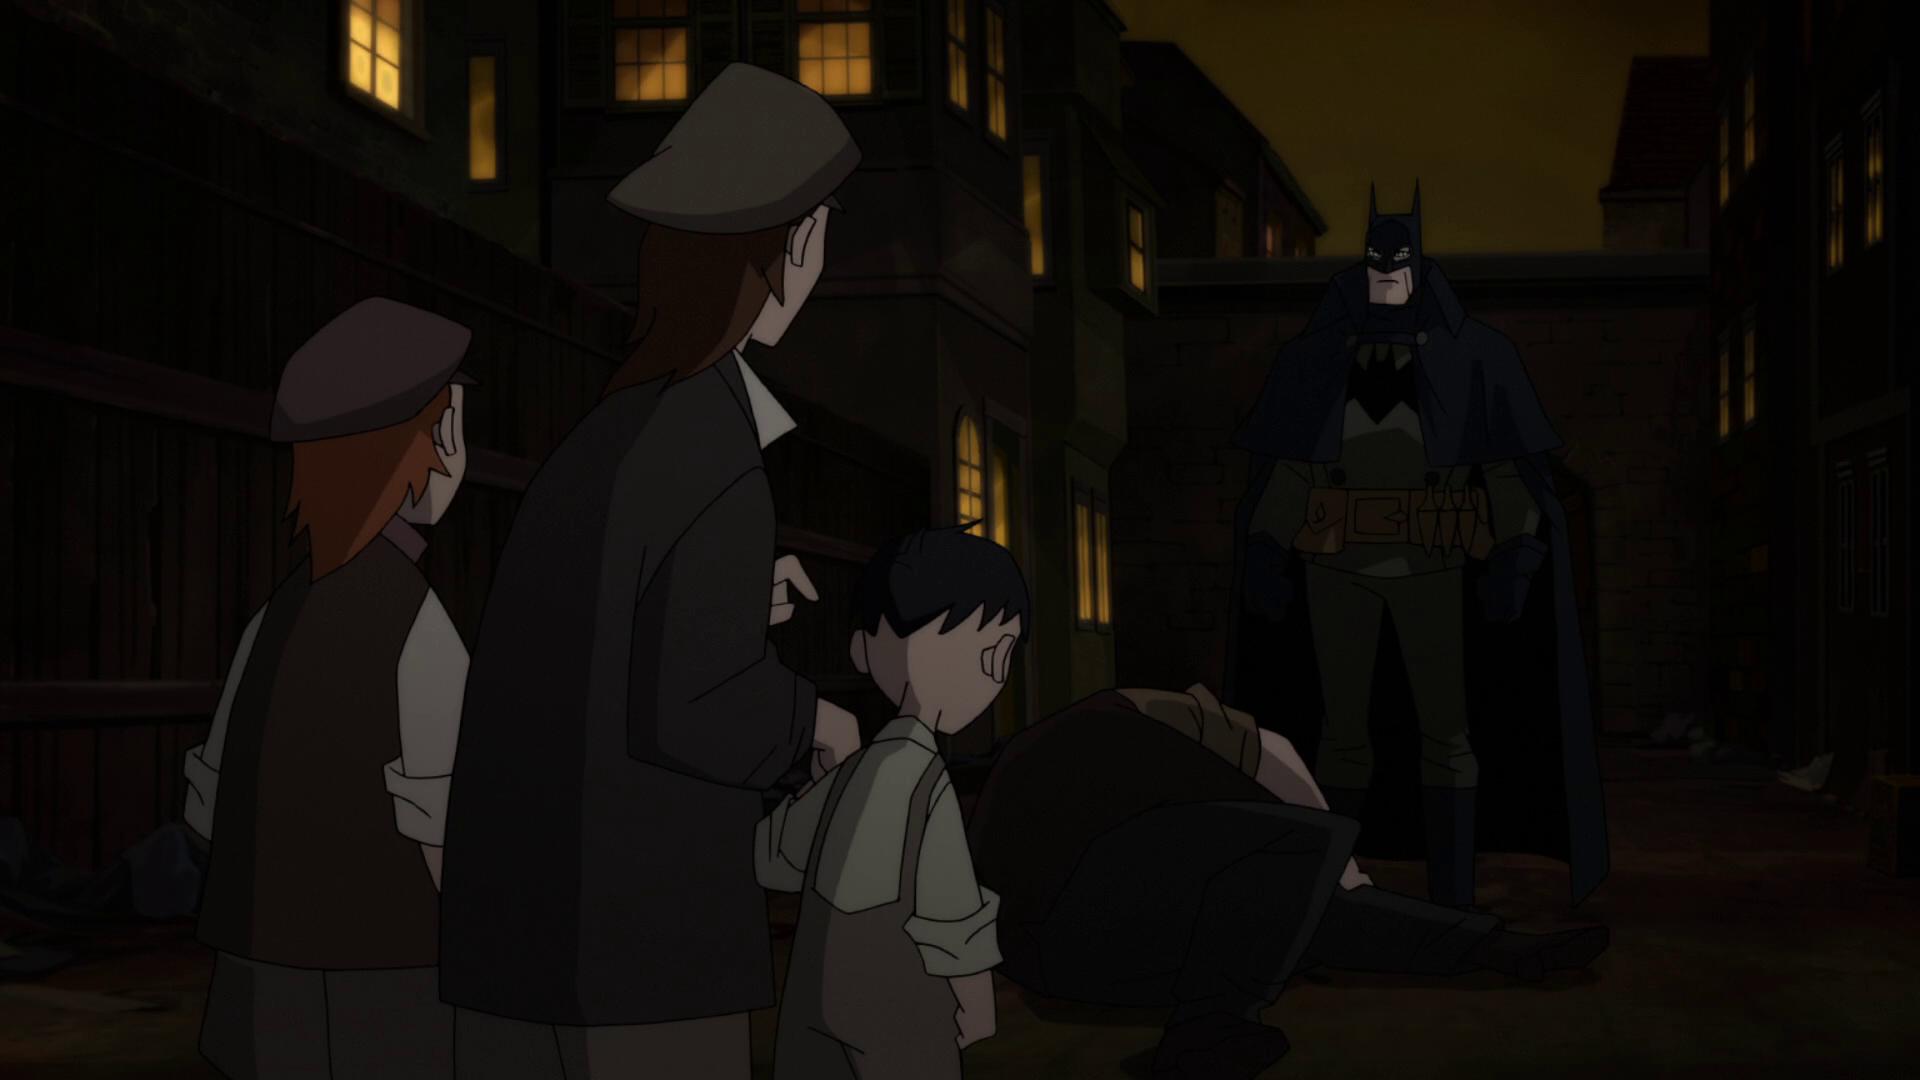 Бэтмен: Готэм в газовом свете / Batman: Gotham by Gaslight (2018) BDRip 1080p